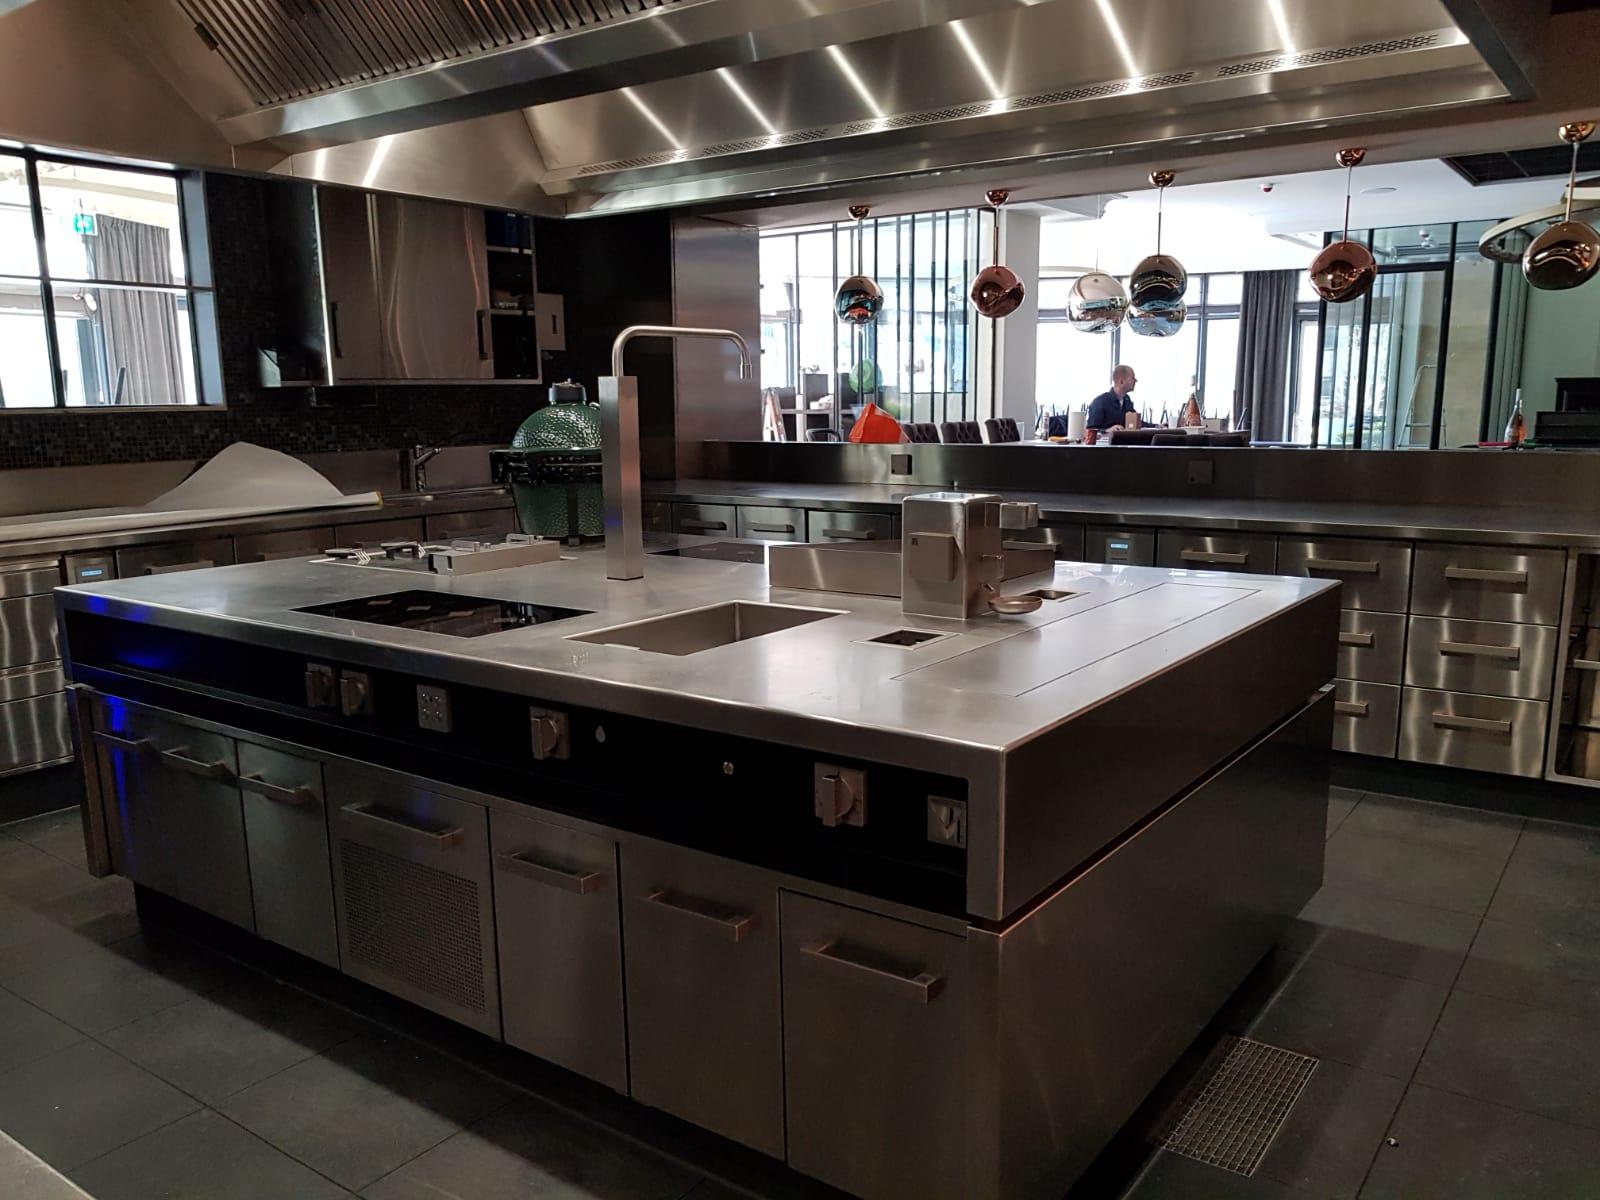 keuken horeca